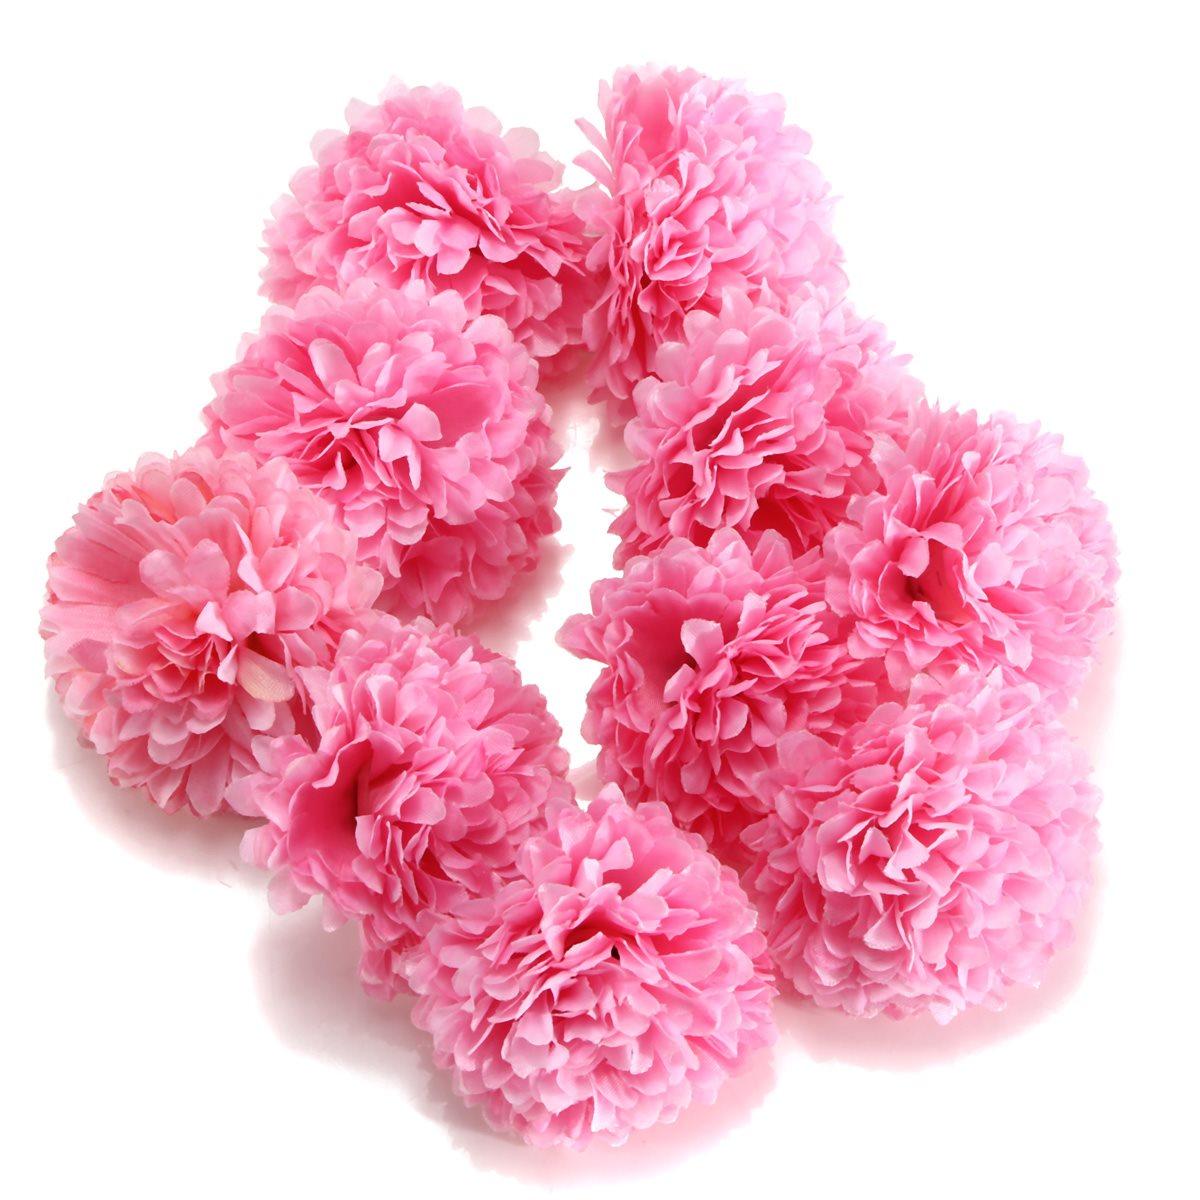 Bulk Flower Arrangements Promotion Shop for Promotional Bulk Flower Arrangeme